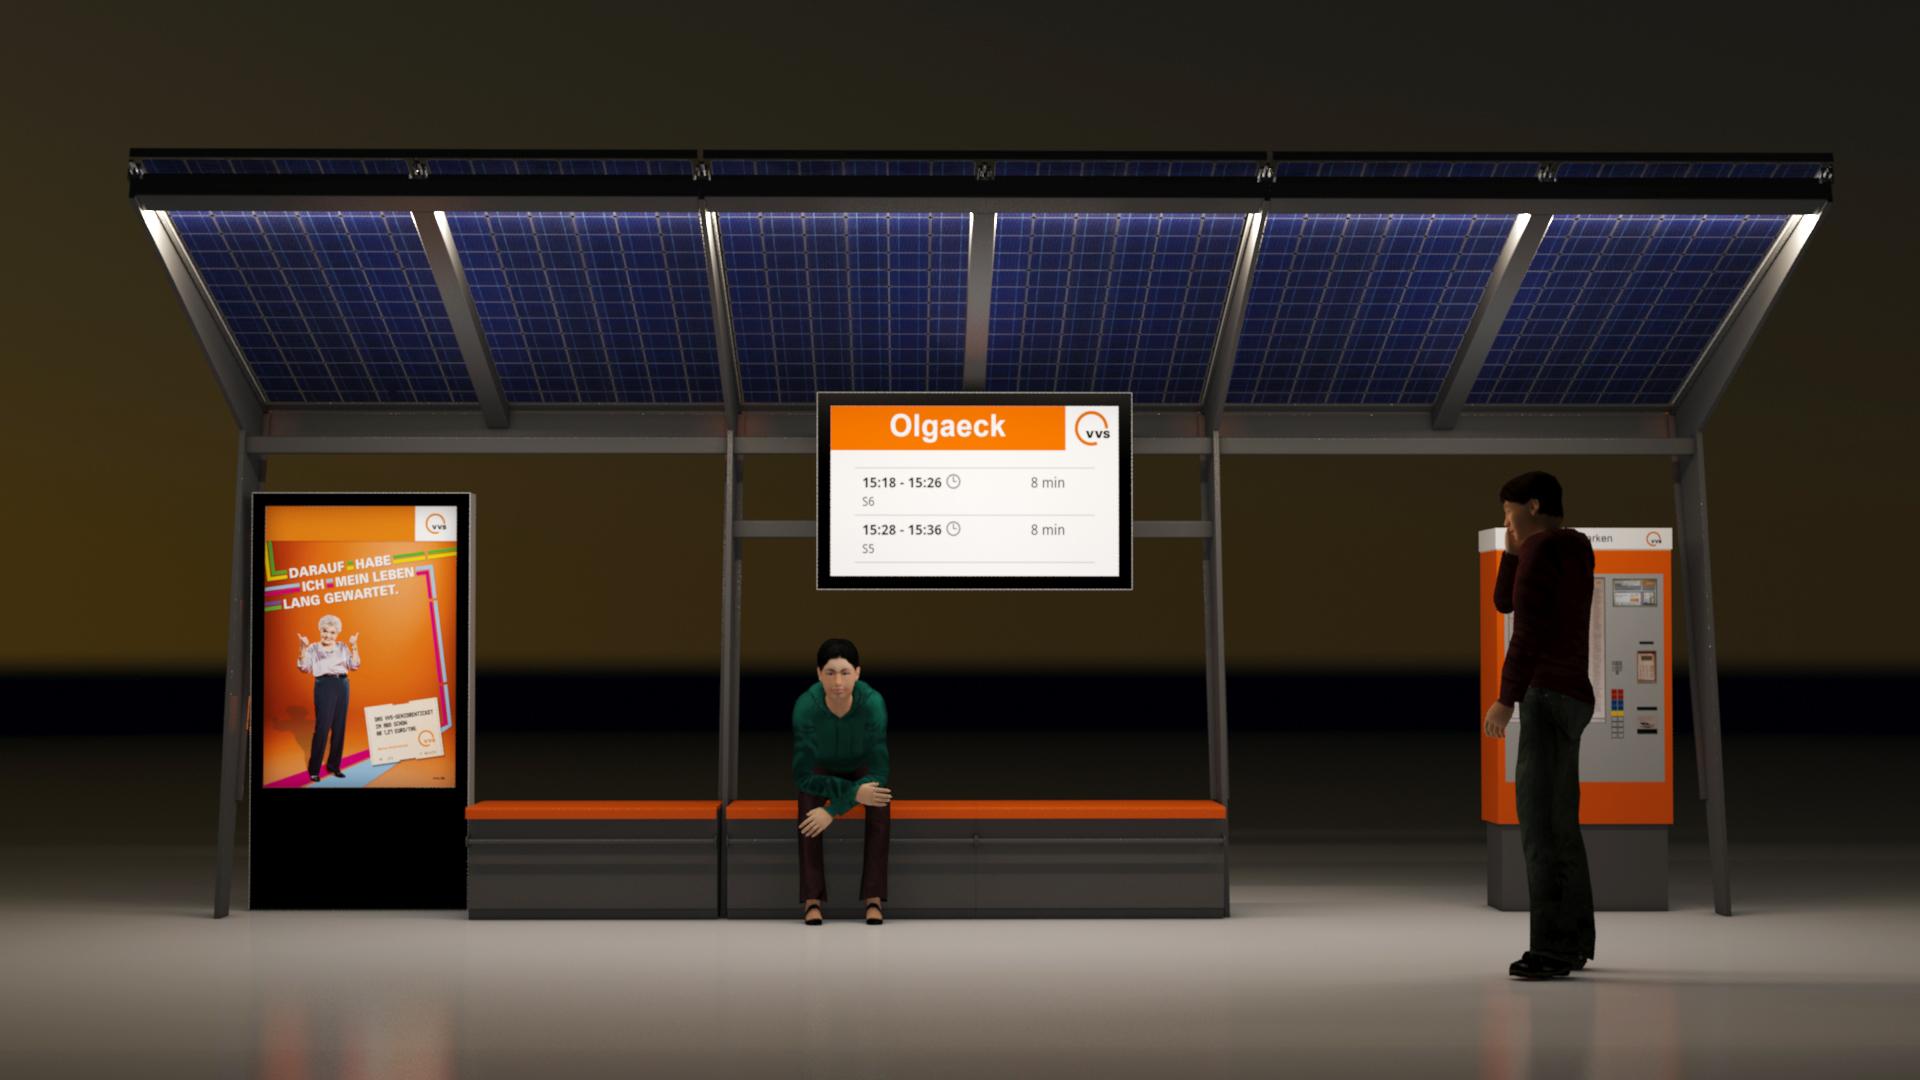 VVS U-Bahnhaltestelle am Abend von vorne